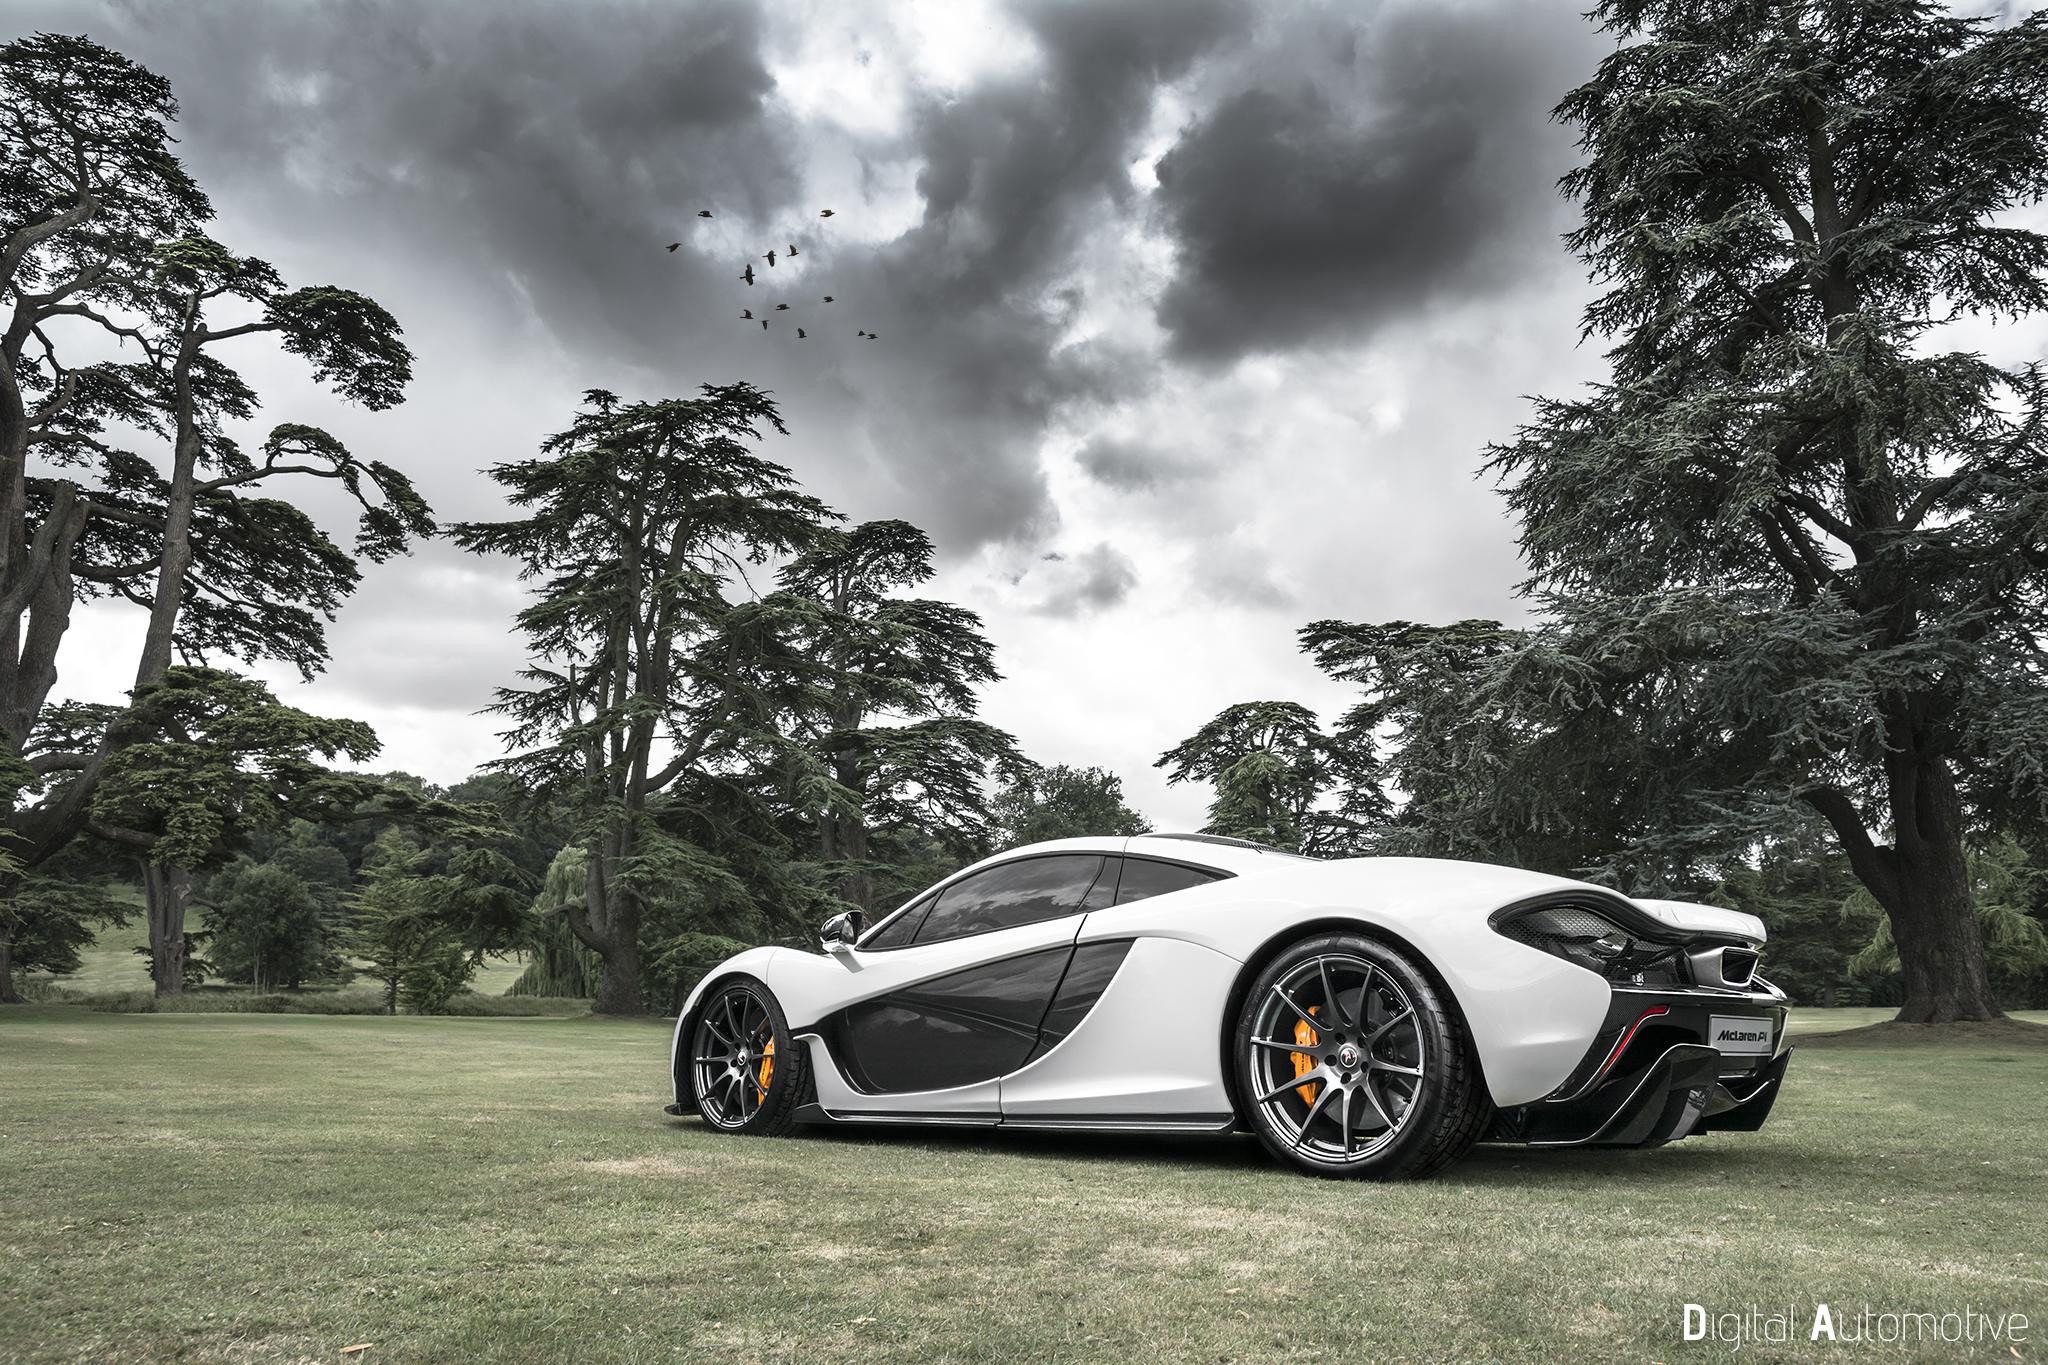 Hình nền : NGHỆ THUẬT, xe hơi, kỹ thuật số, nhiếp ảnh, Thiết kế, Nikon, Ô tô, McLaren, Siêu xe, P1, Chụp hình, Fastcar, Hình ảnh ô tô, Hypercar, Colinsmart, ...